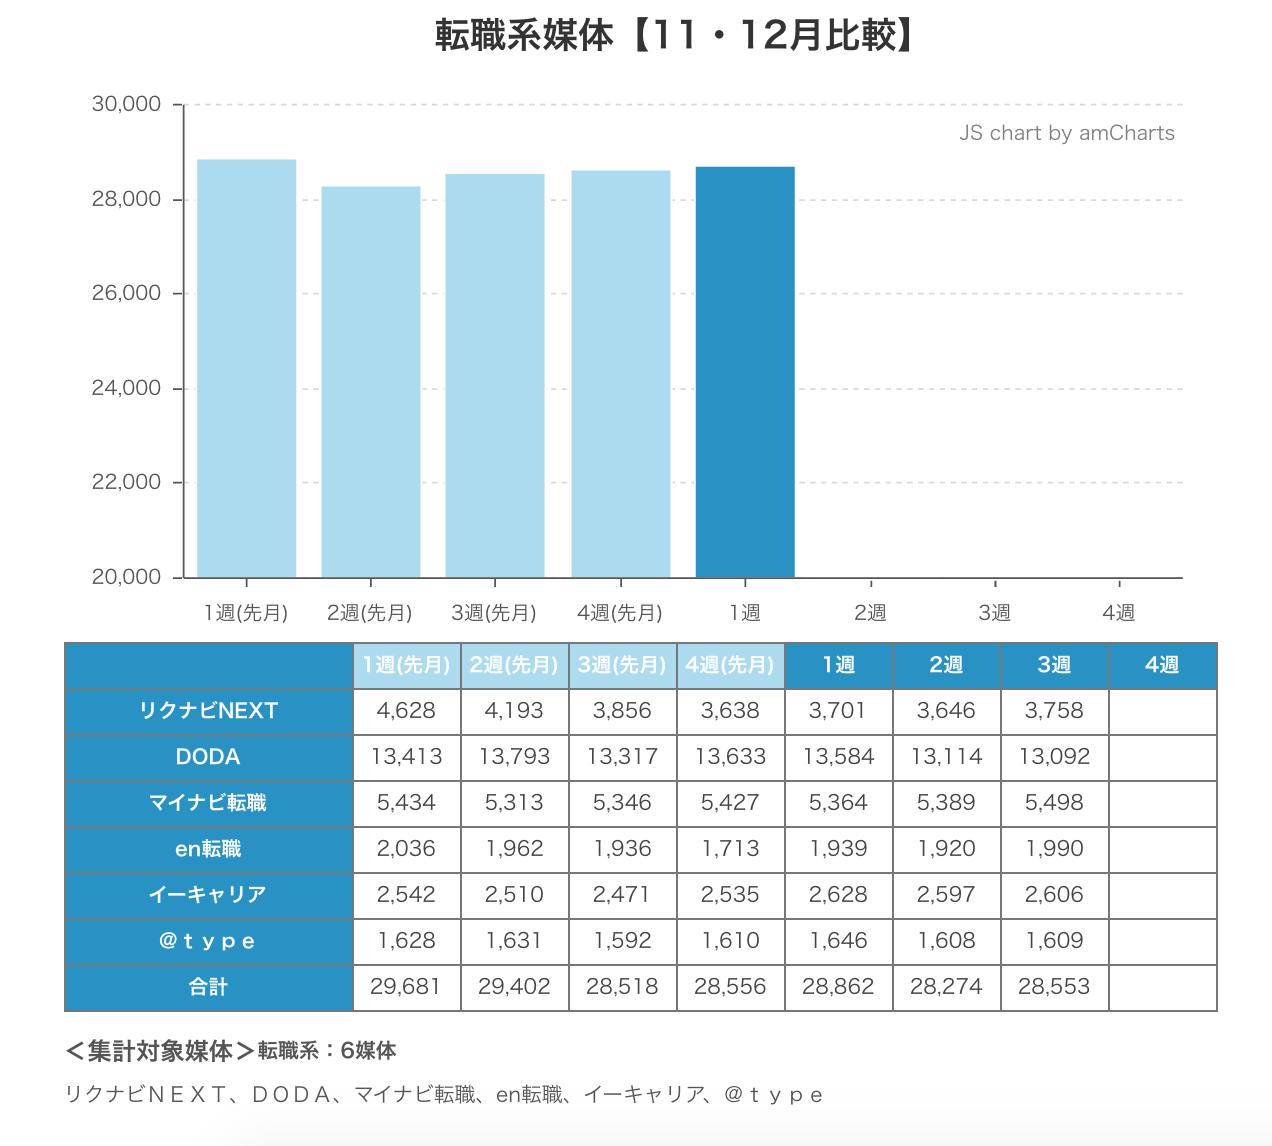 ウィークリー求人サイト掲載件数速報 2014年12月1週